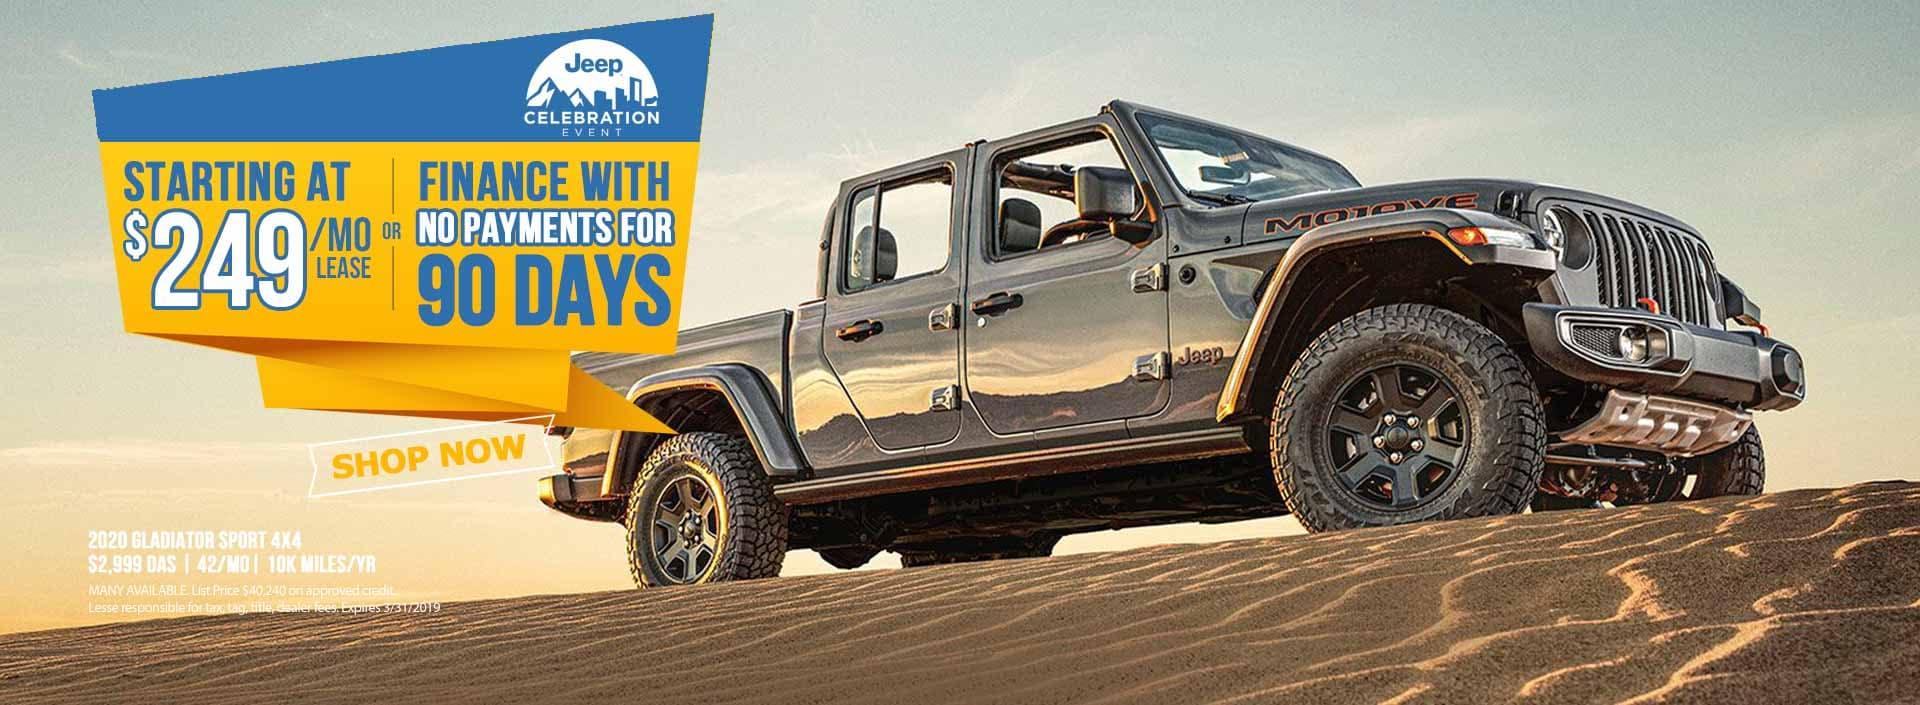 Jeep Gladiator 2020 sale